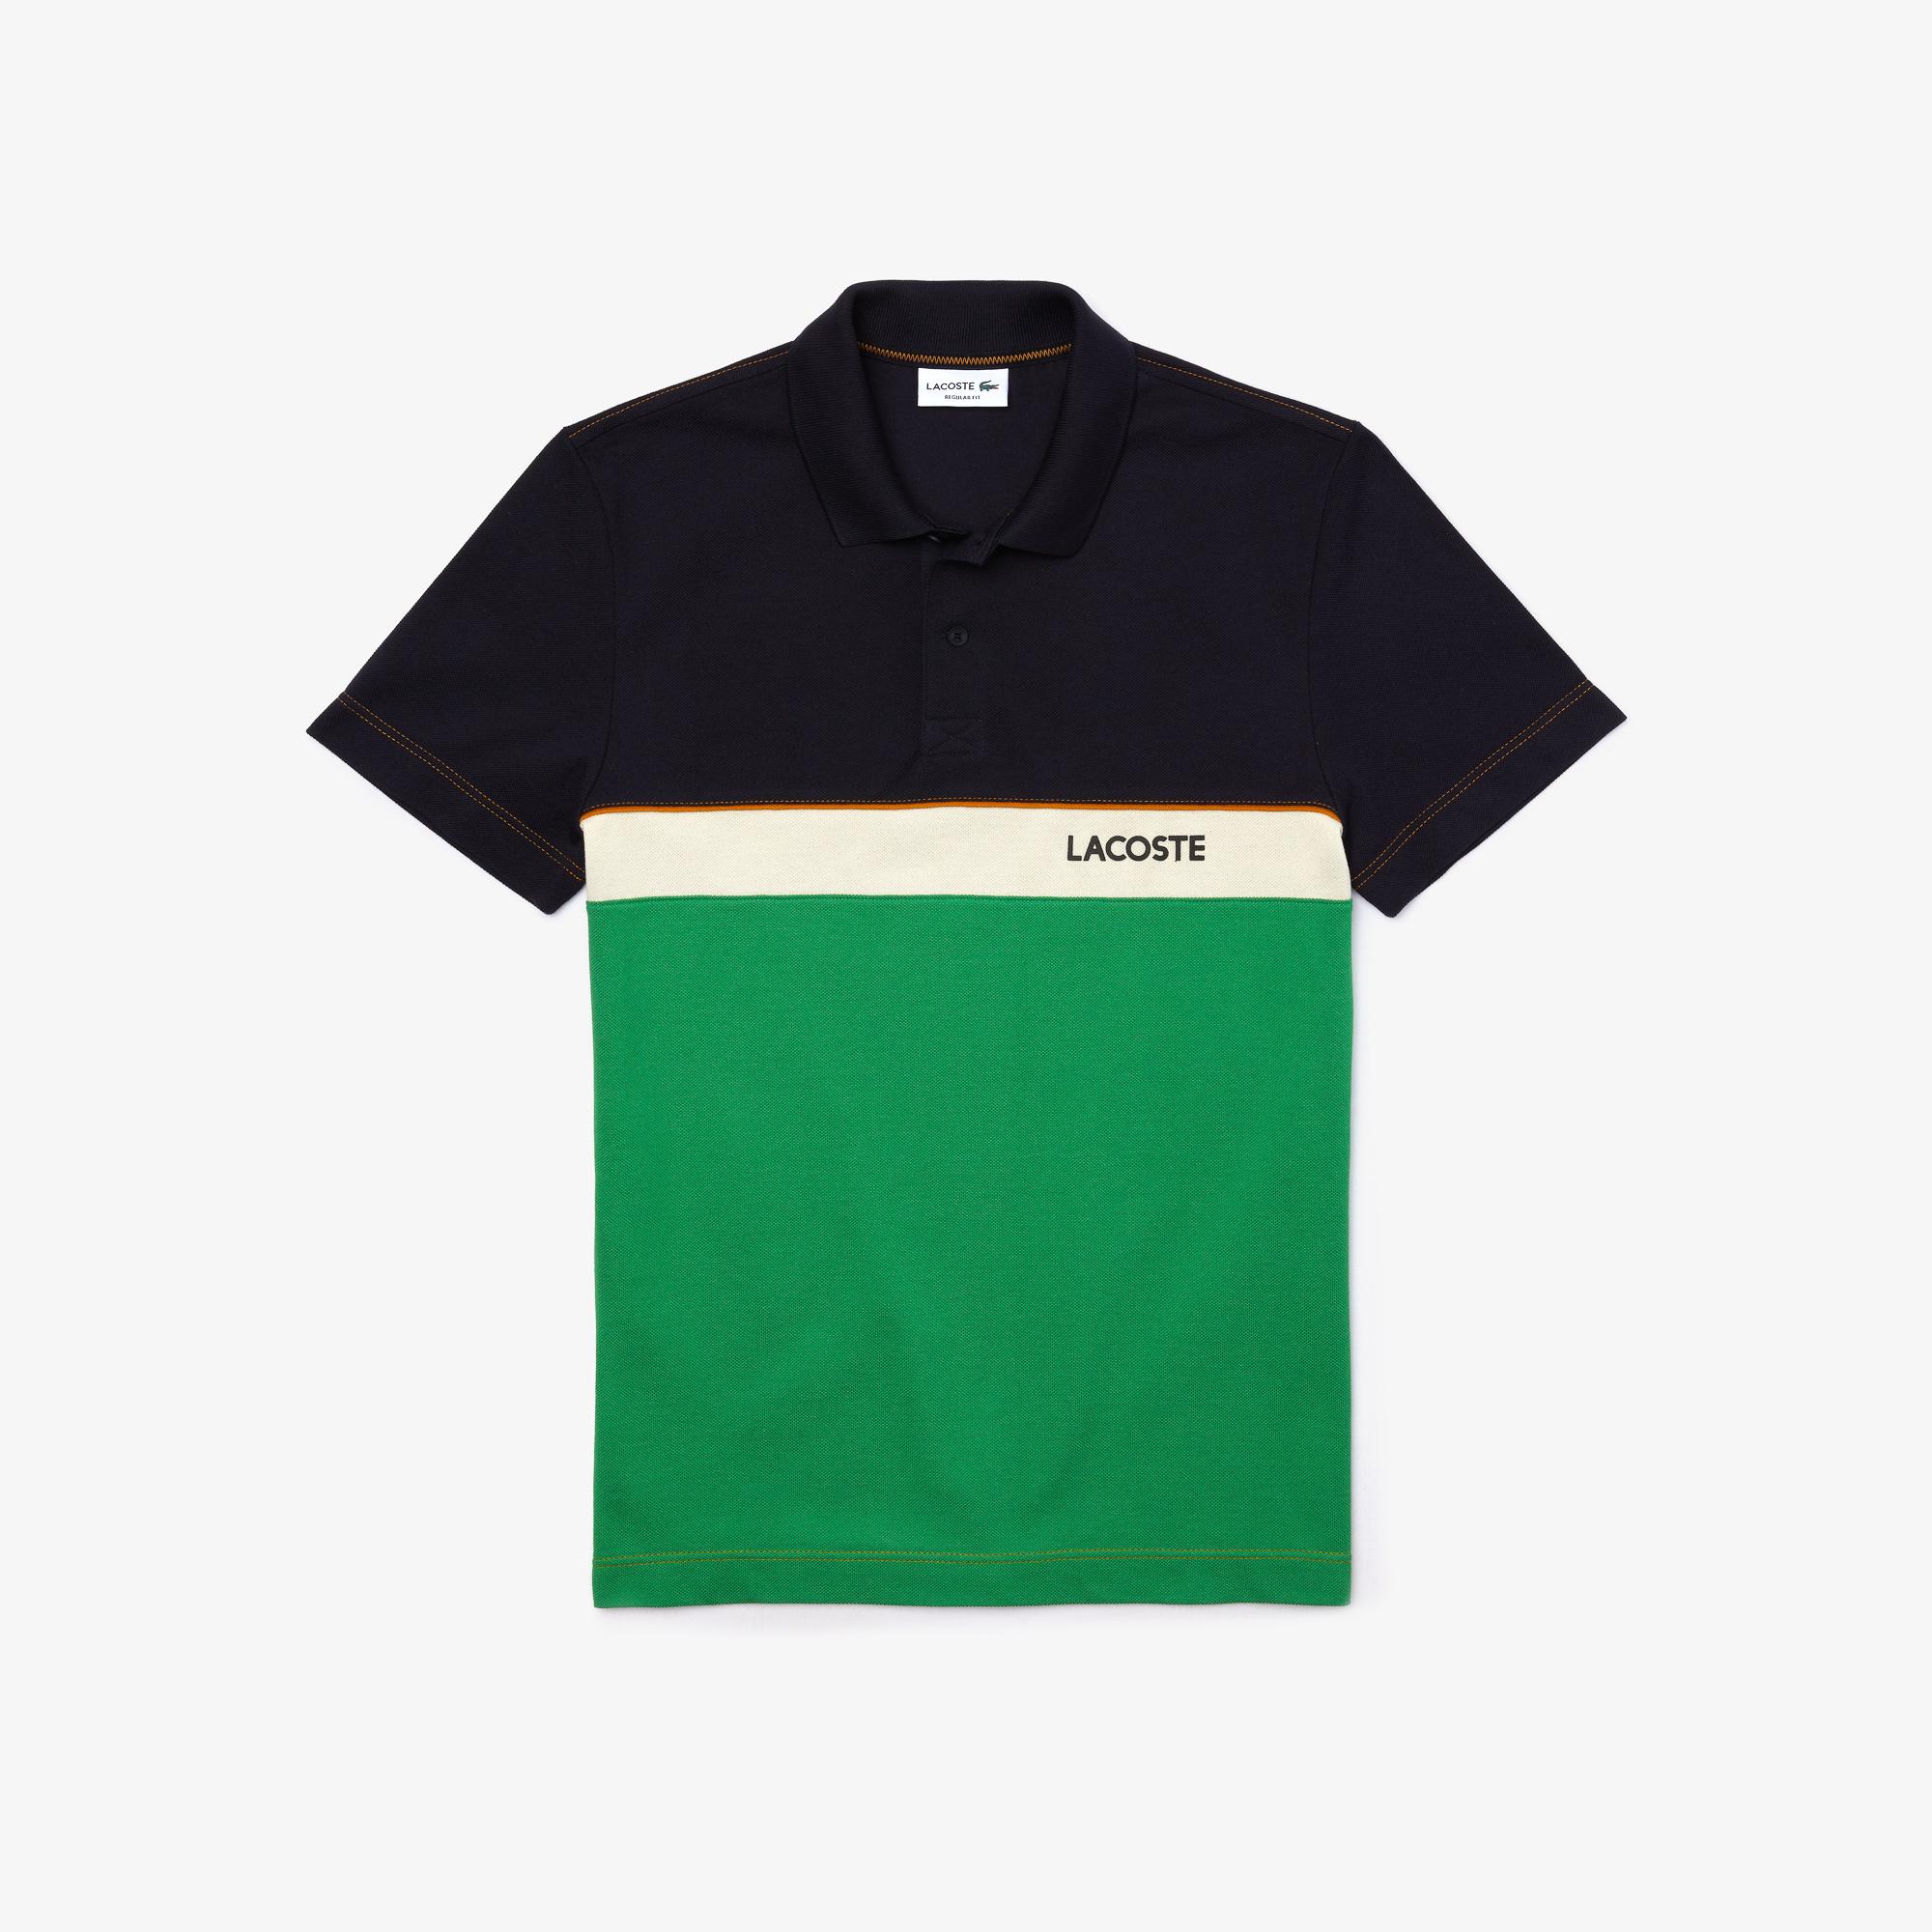 Lacoste Męska koszulka polo Regular Fit w bloki kolorystyczne z piki bawełnianej